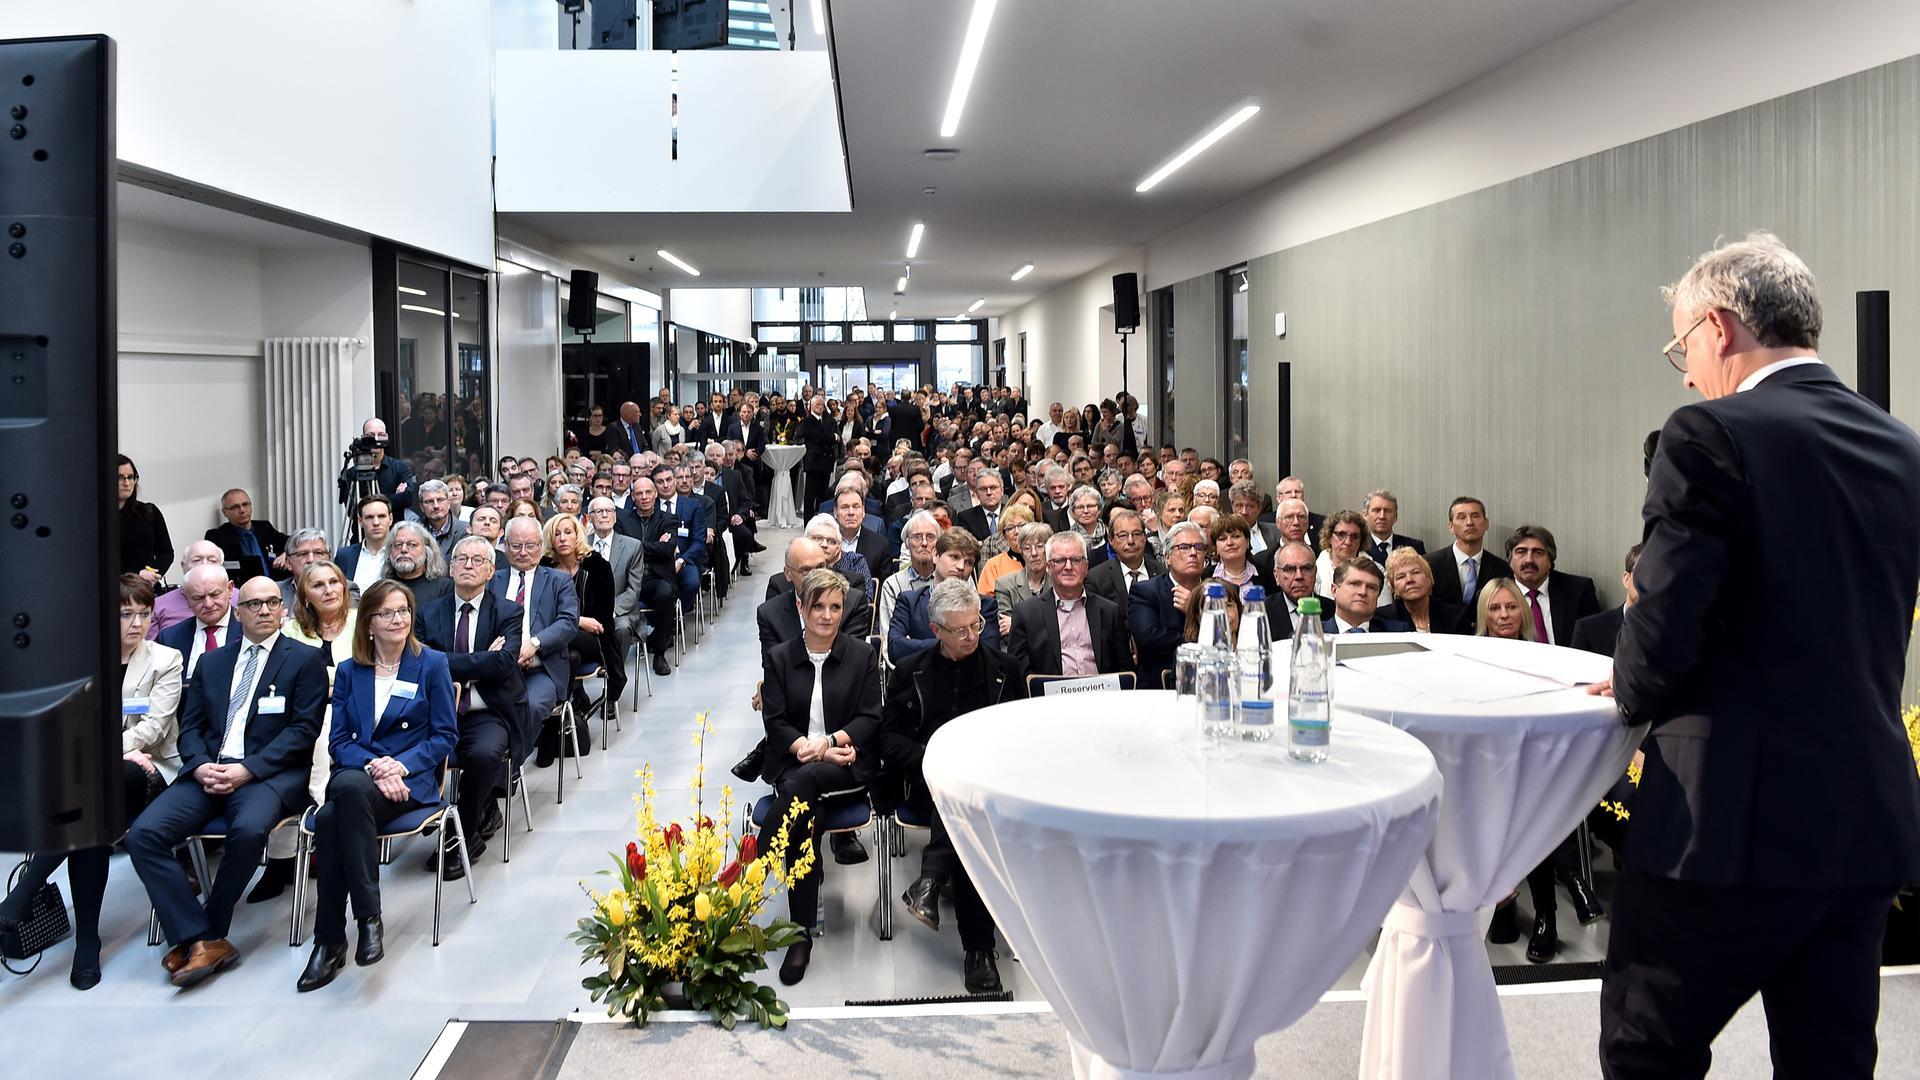 """Lichtdurchflutet zeigt sich die sogenannte """"Magistrale"""", der großzügige Eingangsbereich der neuen Rechbergklinik in Bretten. Landrat Christoph Schnaudigel (rechts) konnte zahlreiche Gäste zur Eröffnung des Hauses begrüßen."""